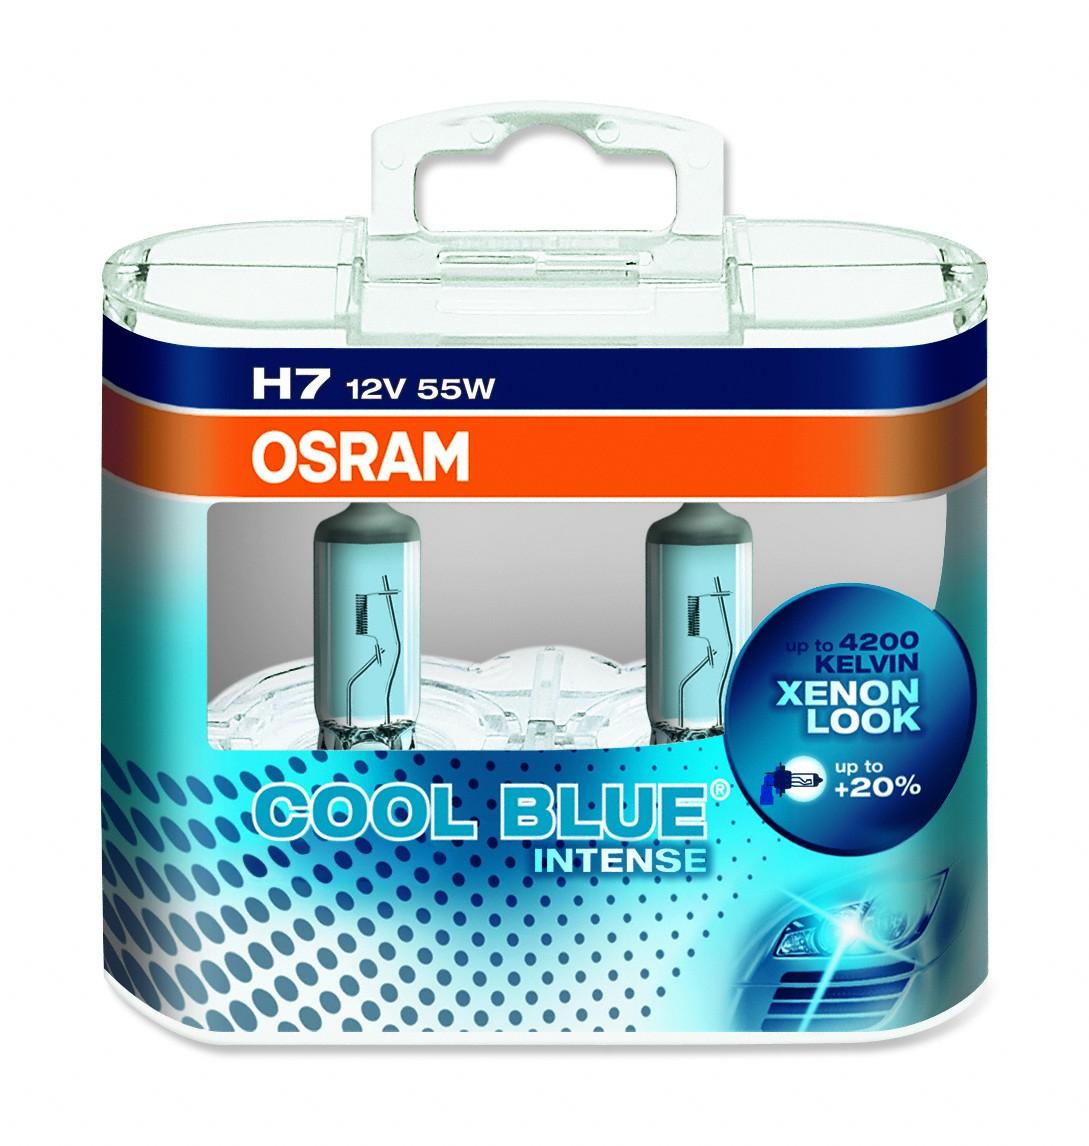 lampada alogena cool blue intense h7 12 v 55 w luce blu lampada da 200h e base px26d 4100k. Black Bedroom Furniture Sets. Home Design Ideas